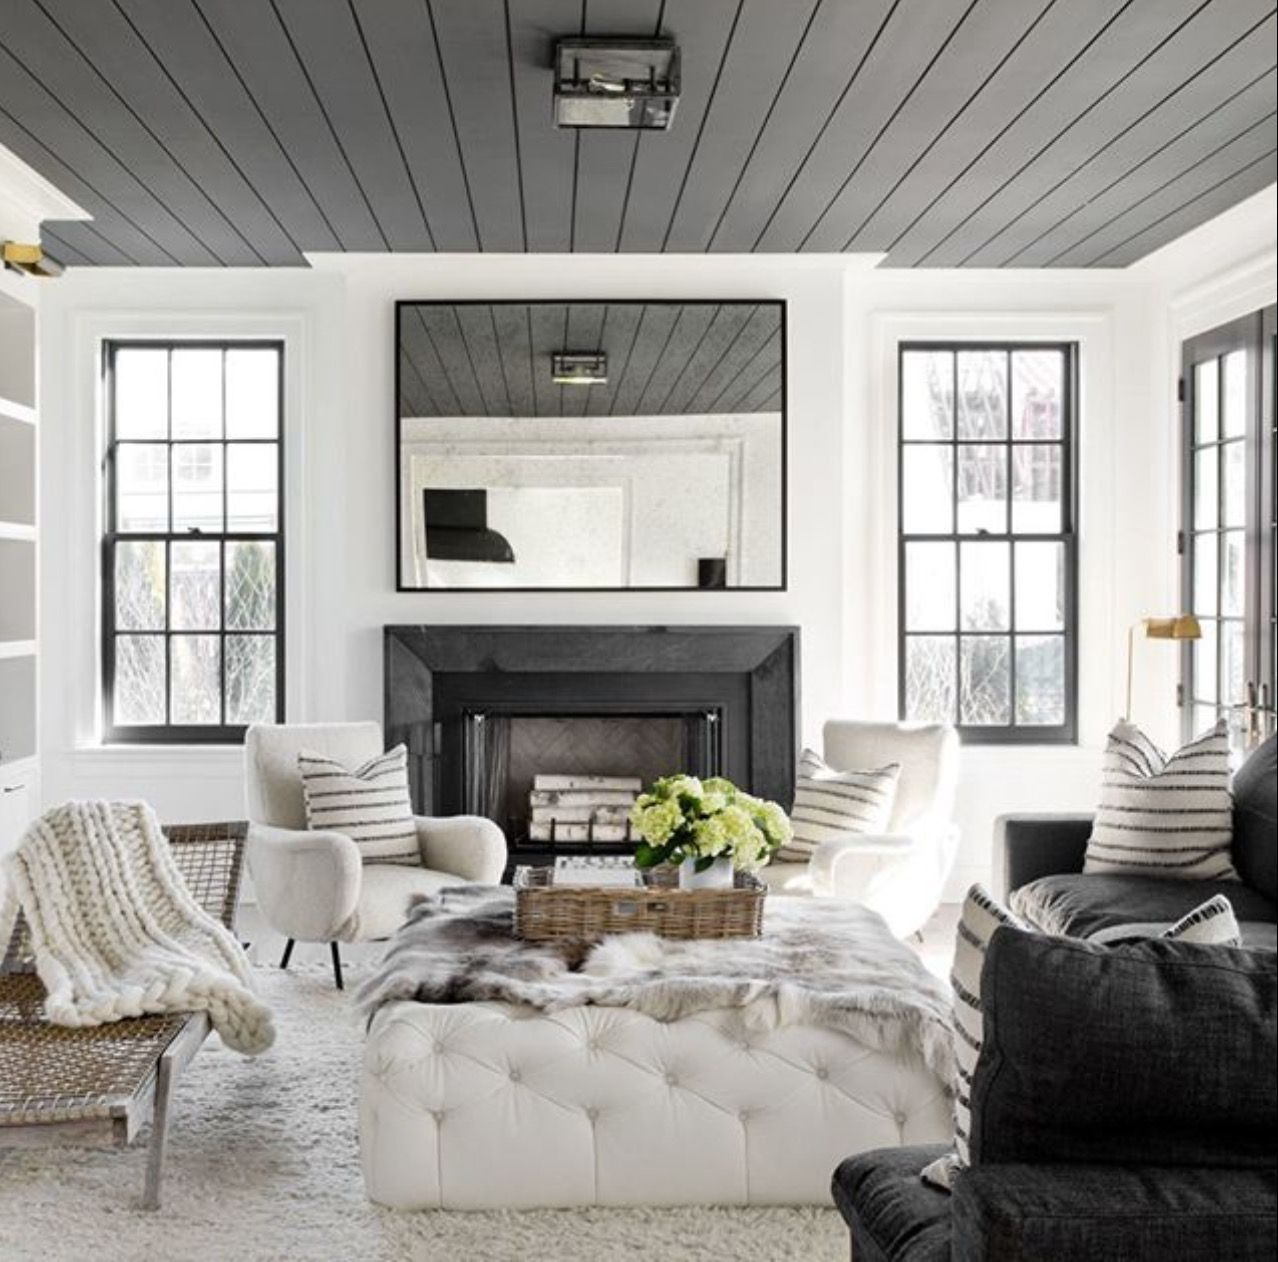 Pin by Mariela Alvarado on Living room | Pinterest | Living rooms ...